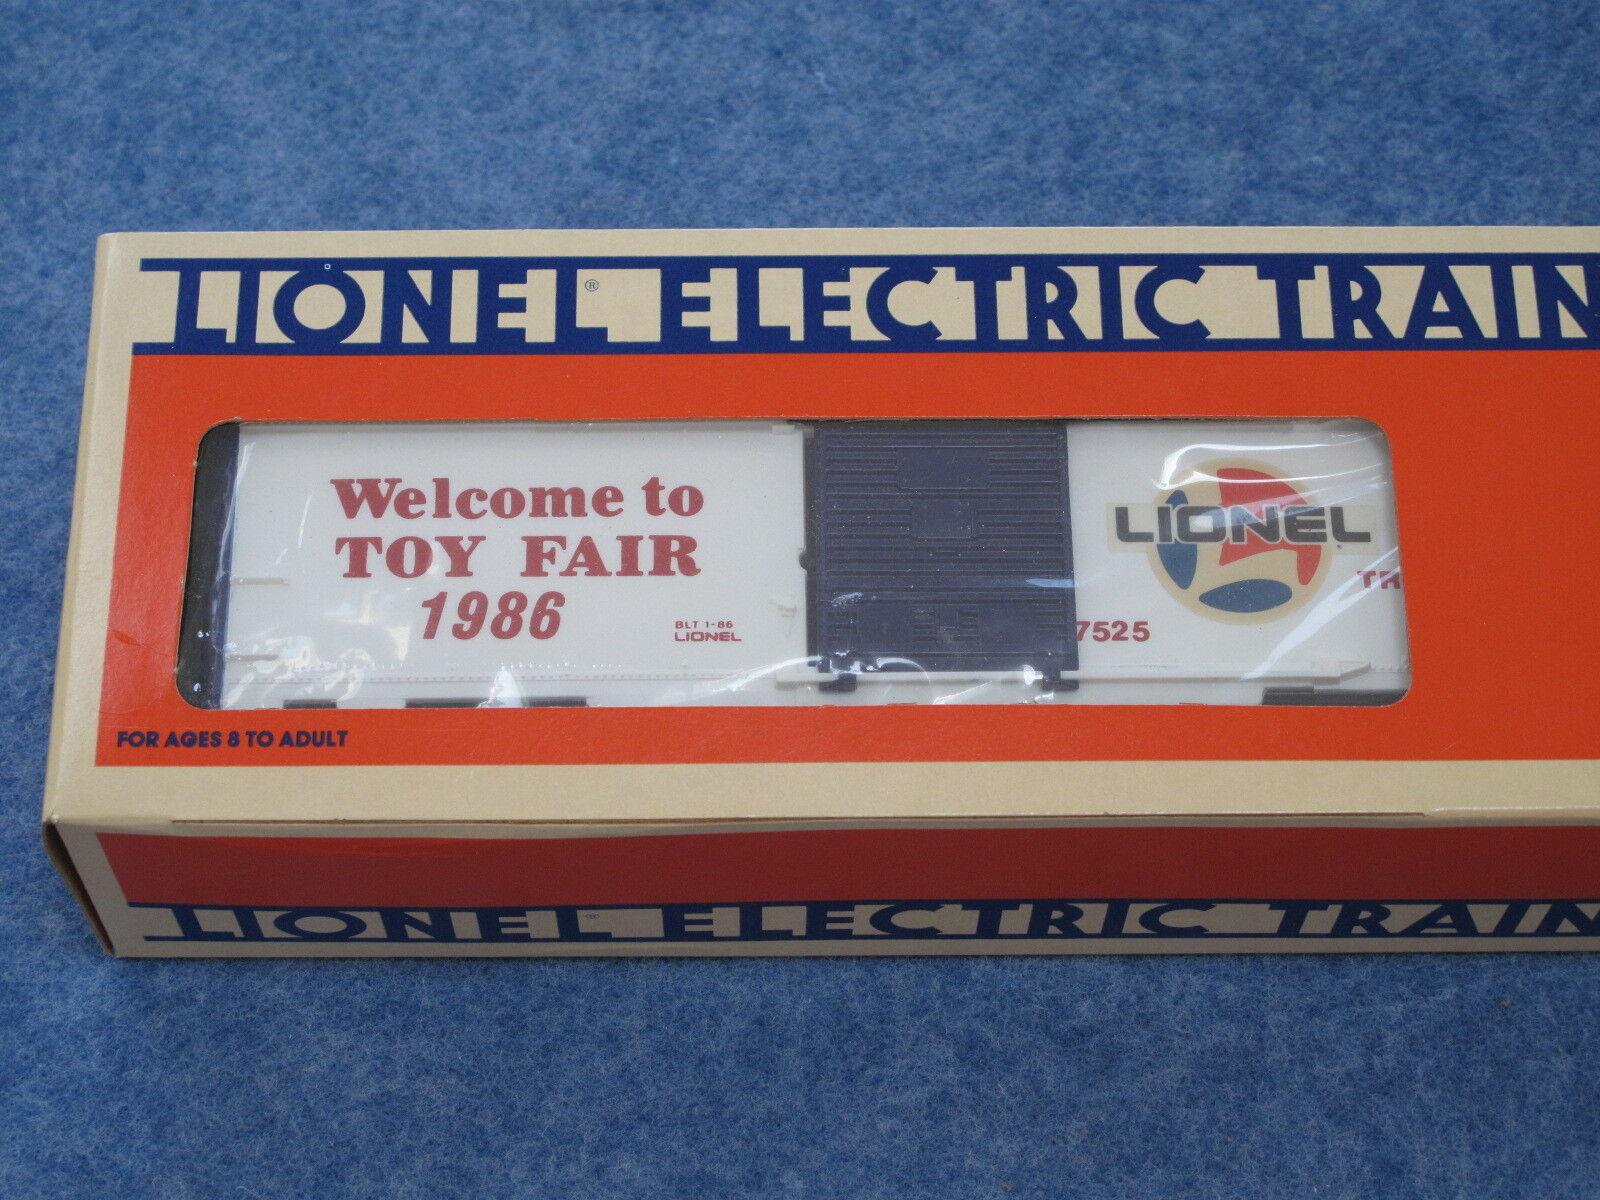 1986 Lionel 67525 giocattolo Fair scatola auto NIB L1528